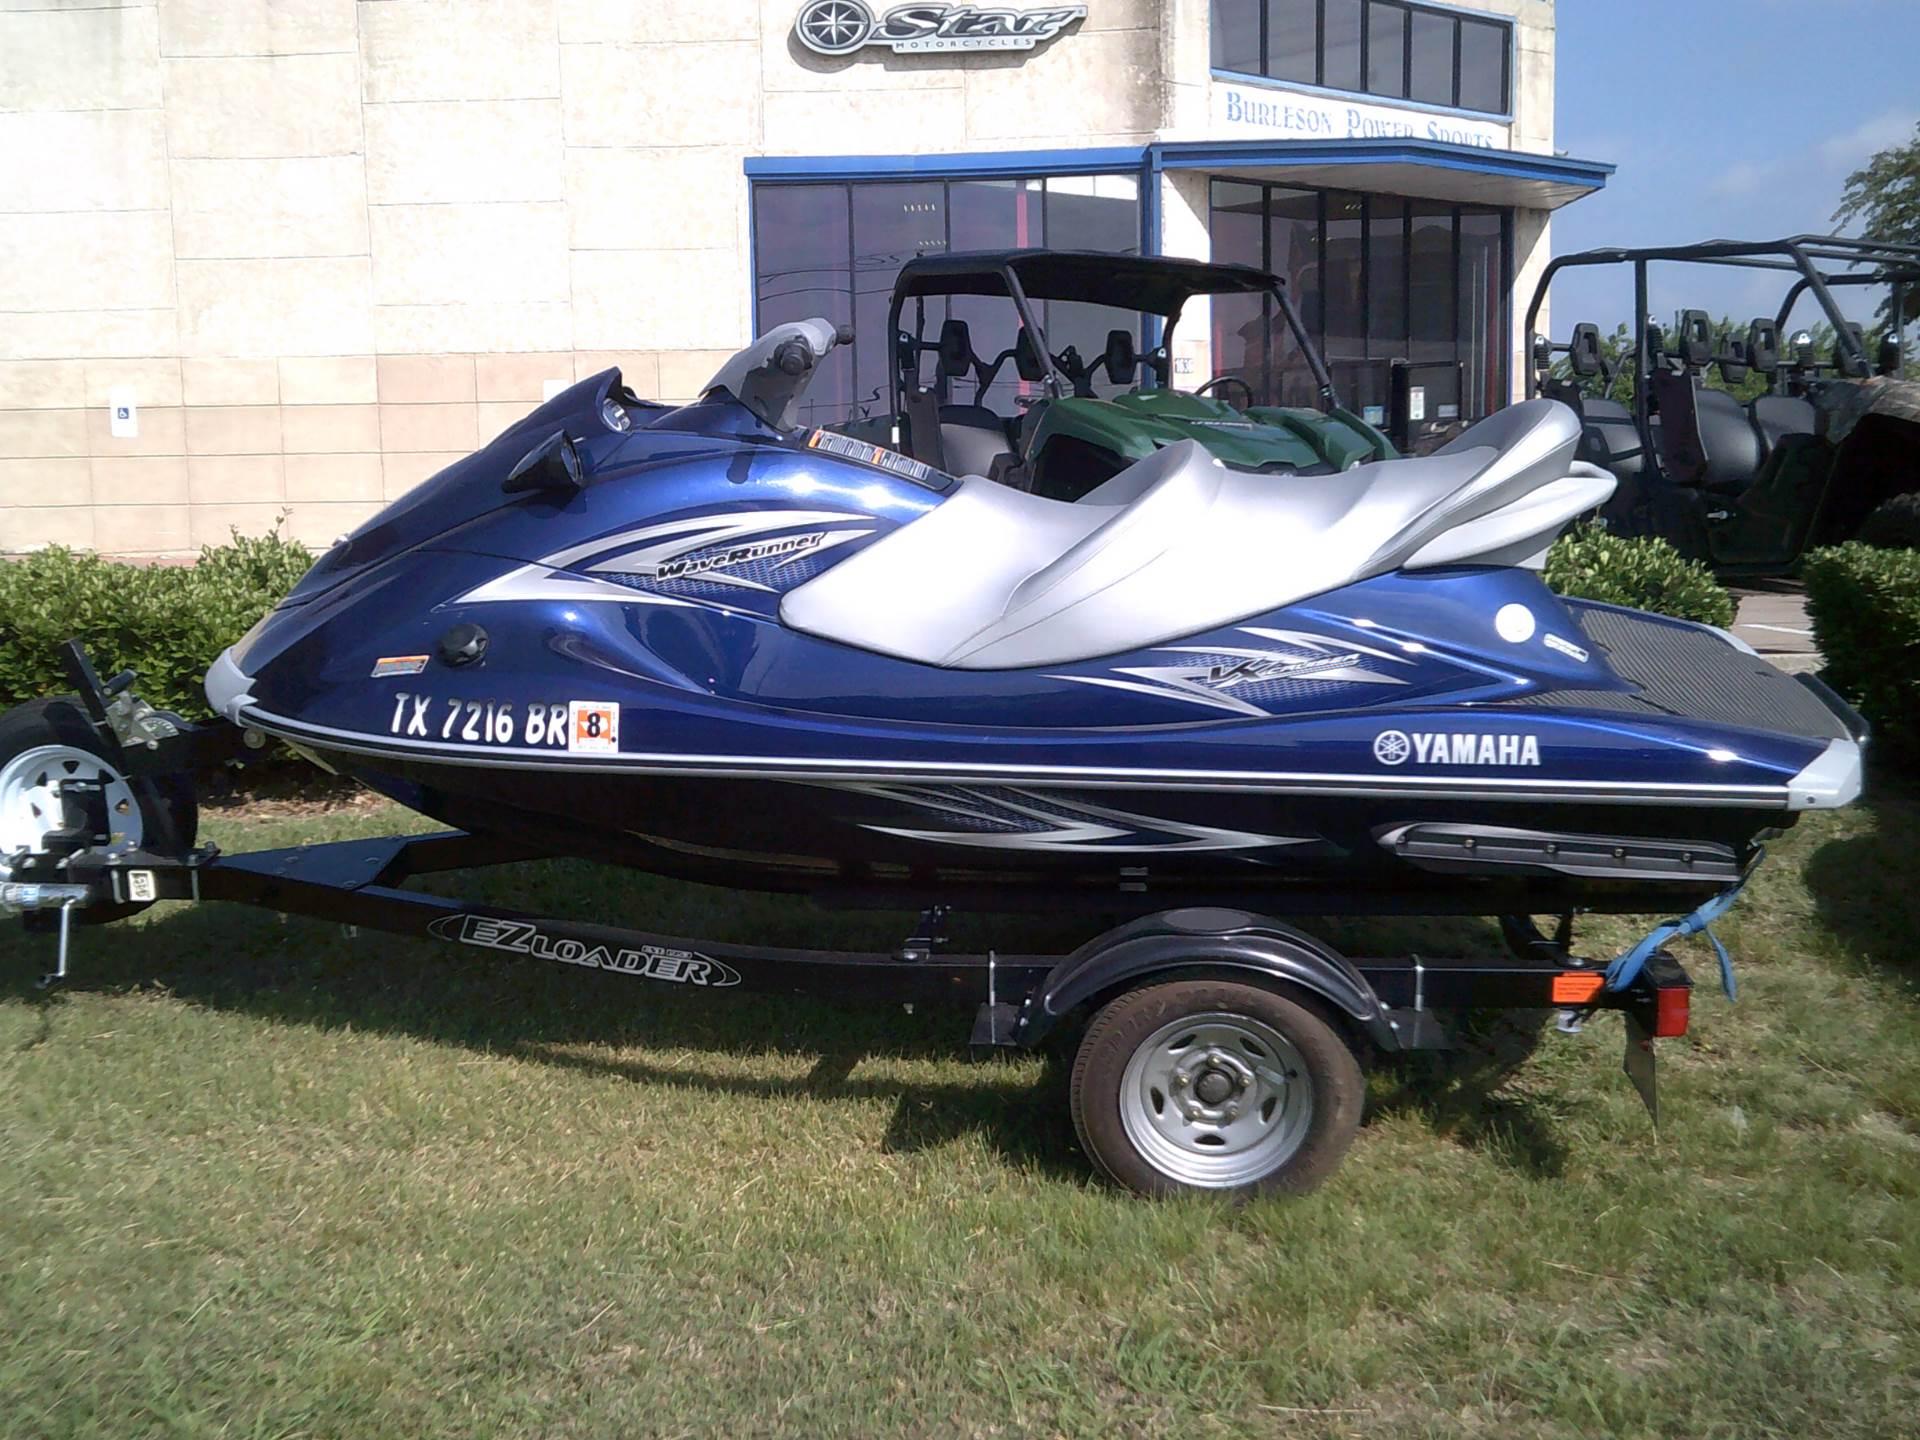 2012 Yamaha VX Cruiser for sale 193508